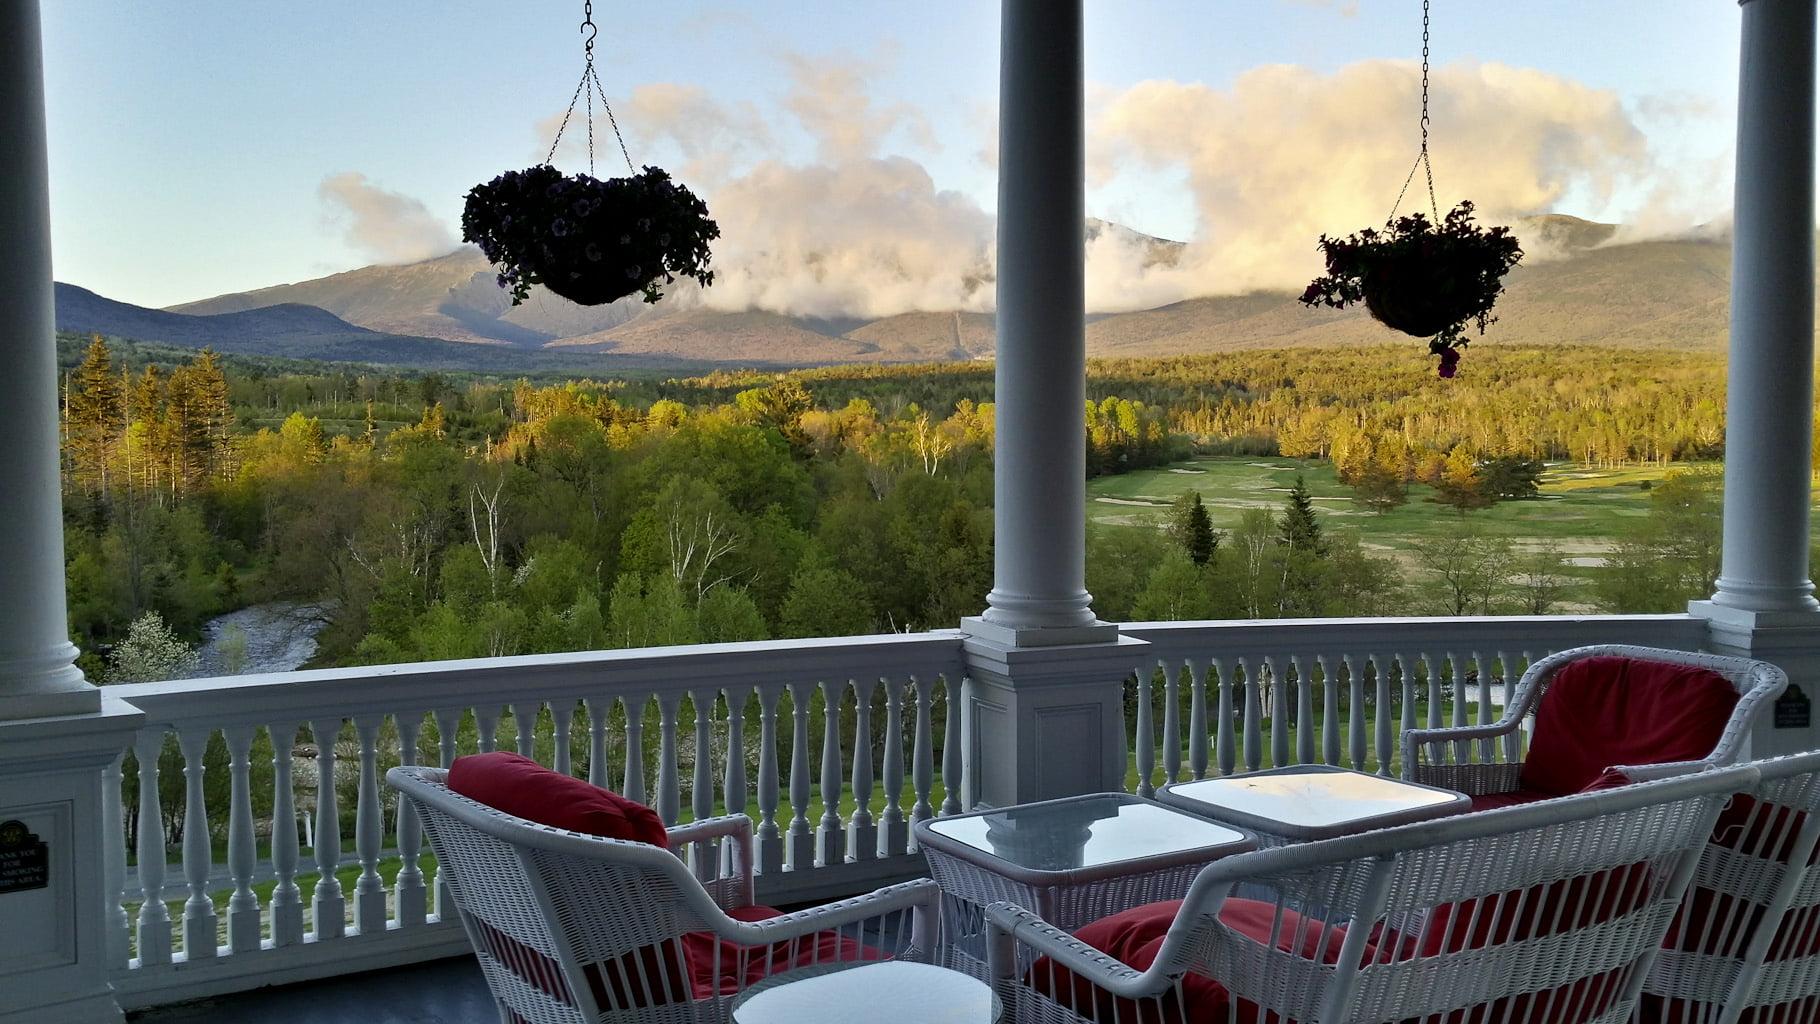 View at Mount Washington Resort